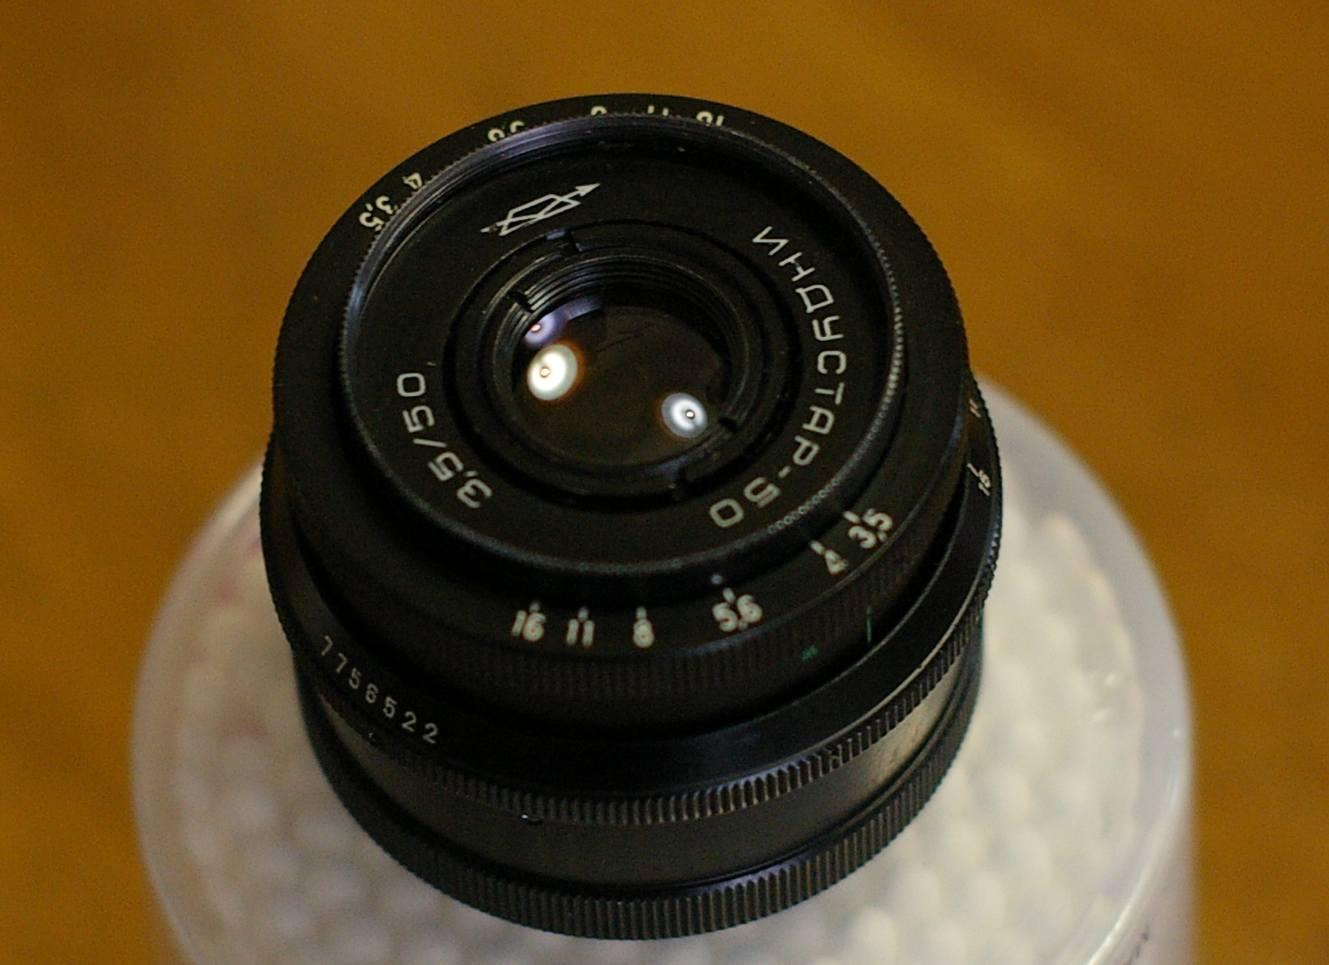 Industar50